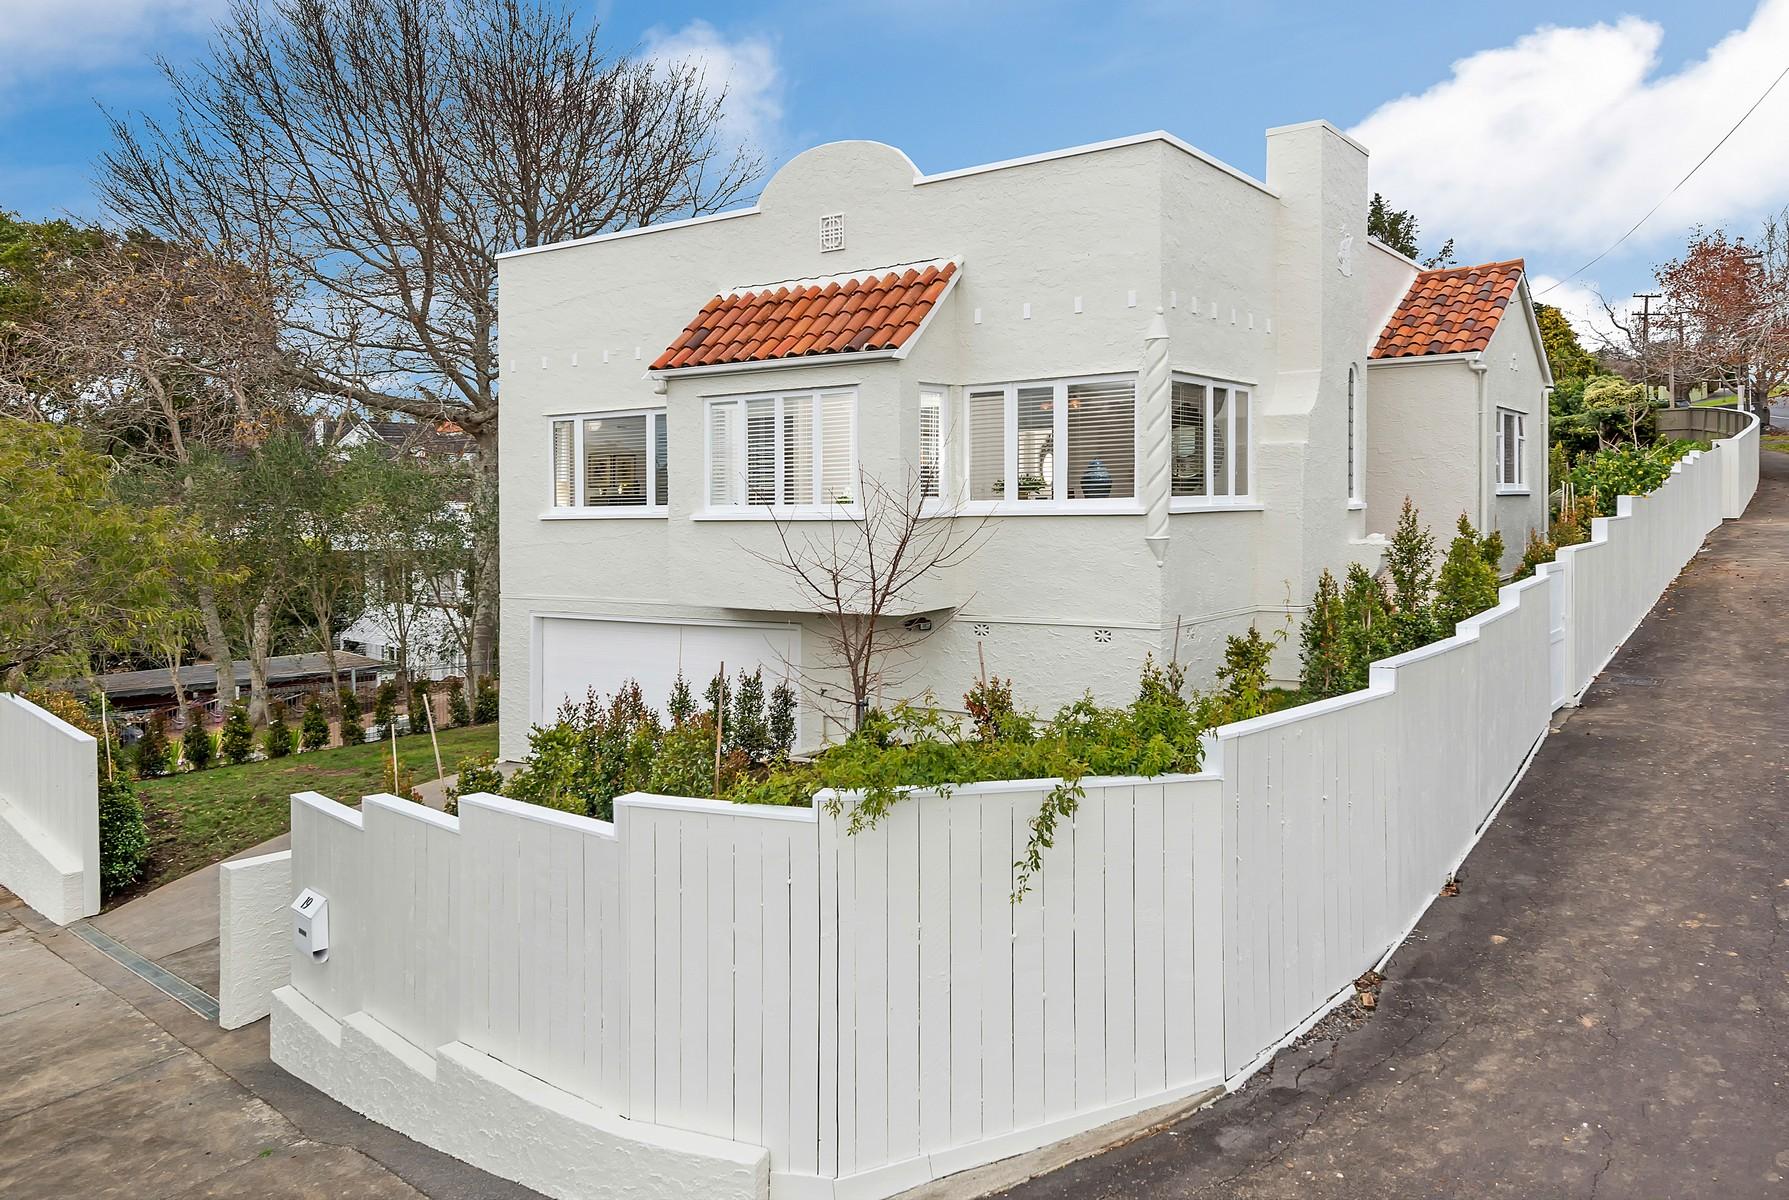 Hacienda / Viehfarm / Plantage für Verkauf beim 19 Codrington Crescent, Mission Bay Auckland, Auckland Neuseeland